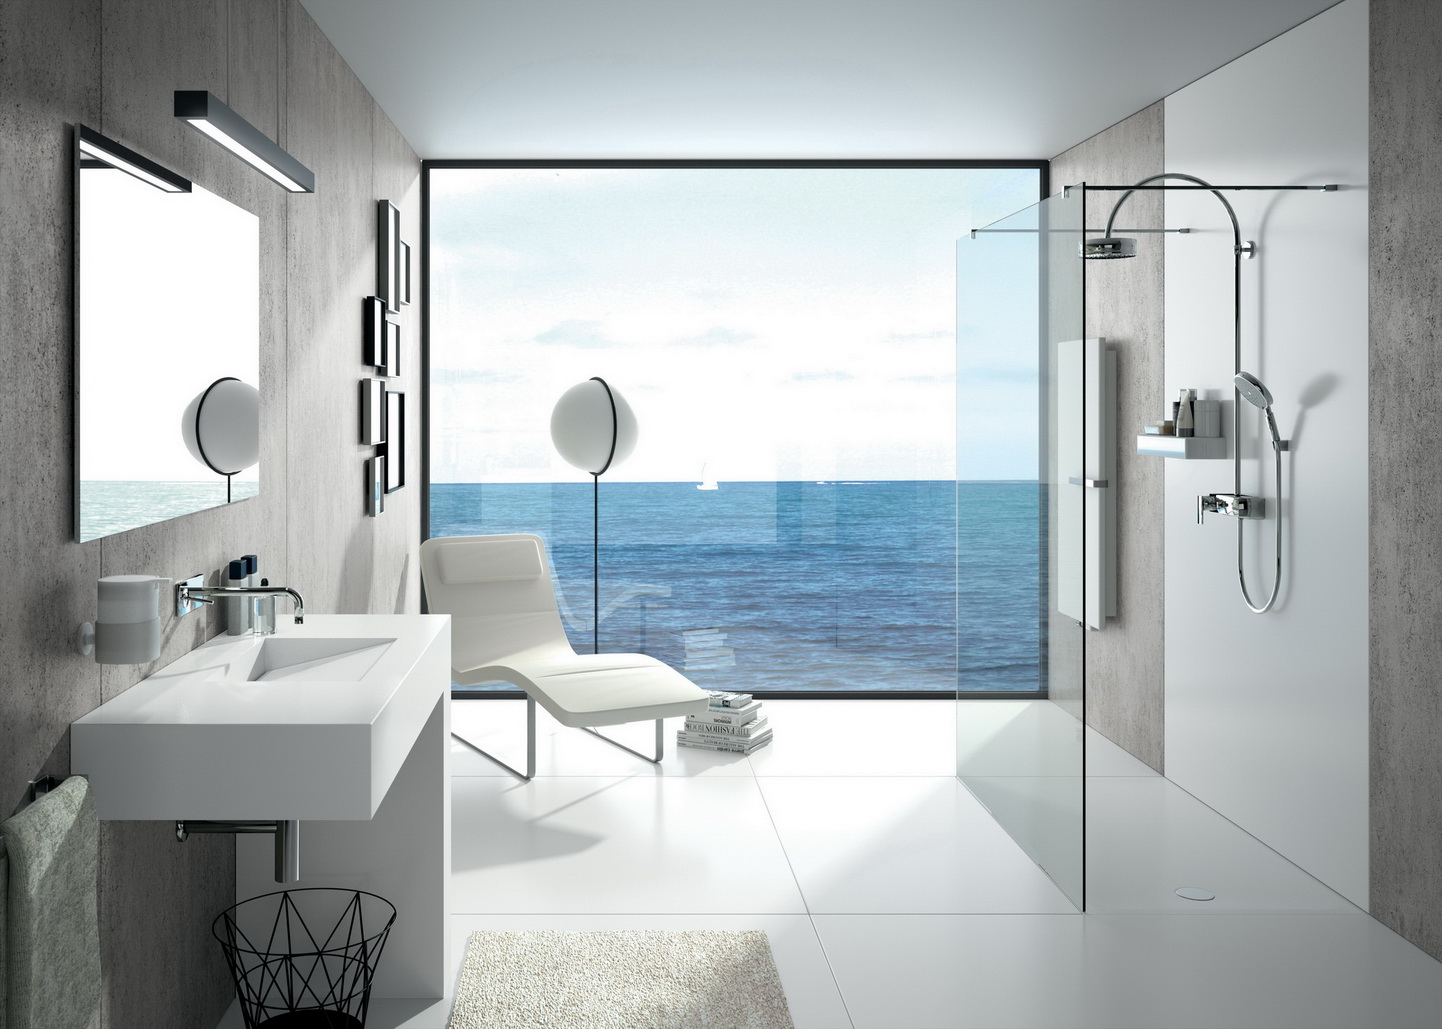 חדר אמבטיה עם משטח דקטון לבן לחיפוי- הוף לים